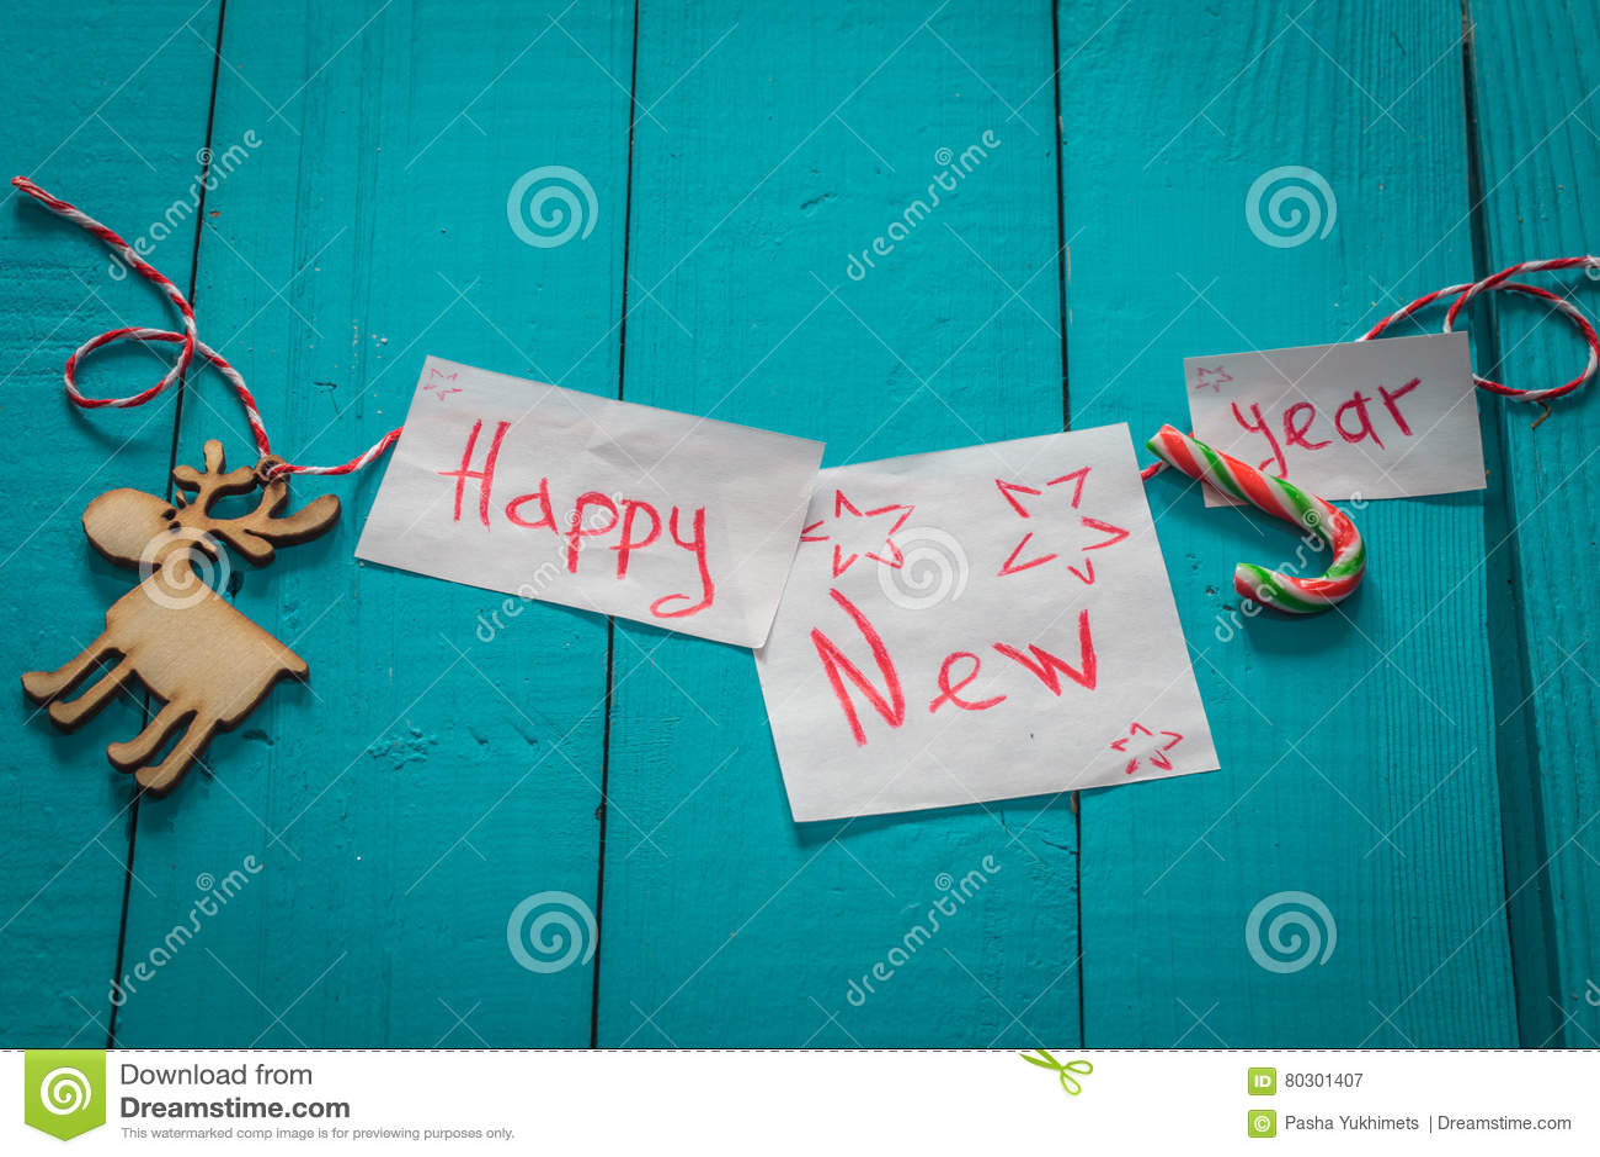 επιγραφή καλής χρονιάς στο ξύλινο υπόβαθρο